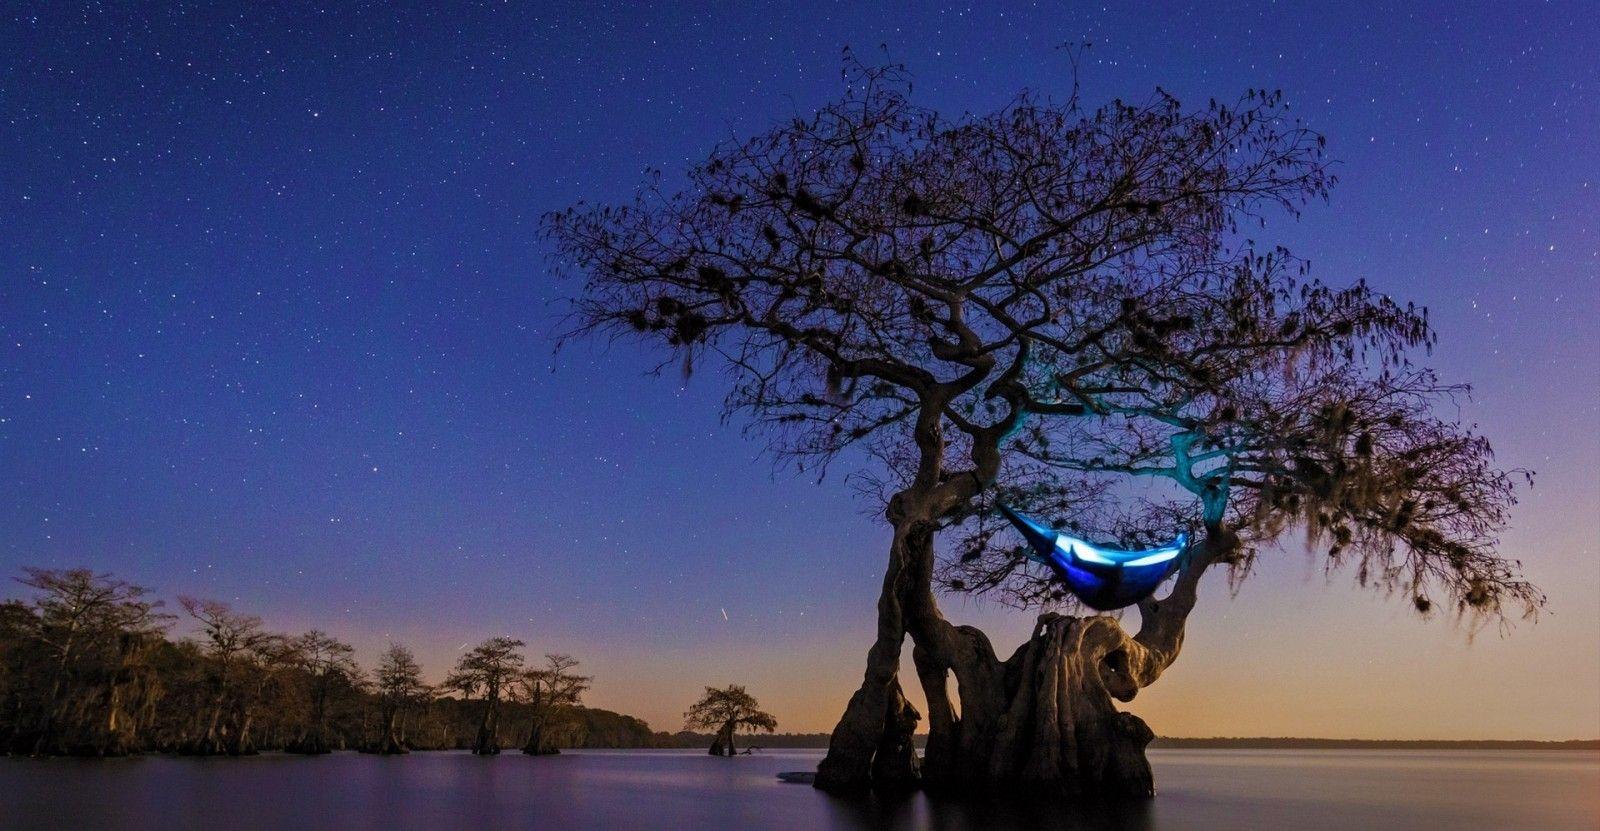 Árboles paisaje noche lago naturaleza reflexión cielo noche Mañana ...